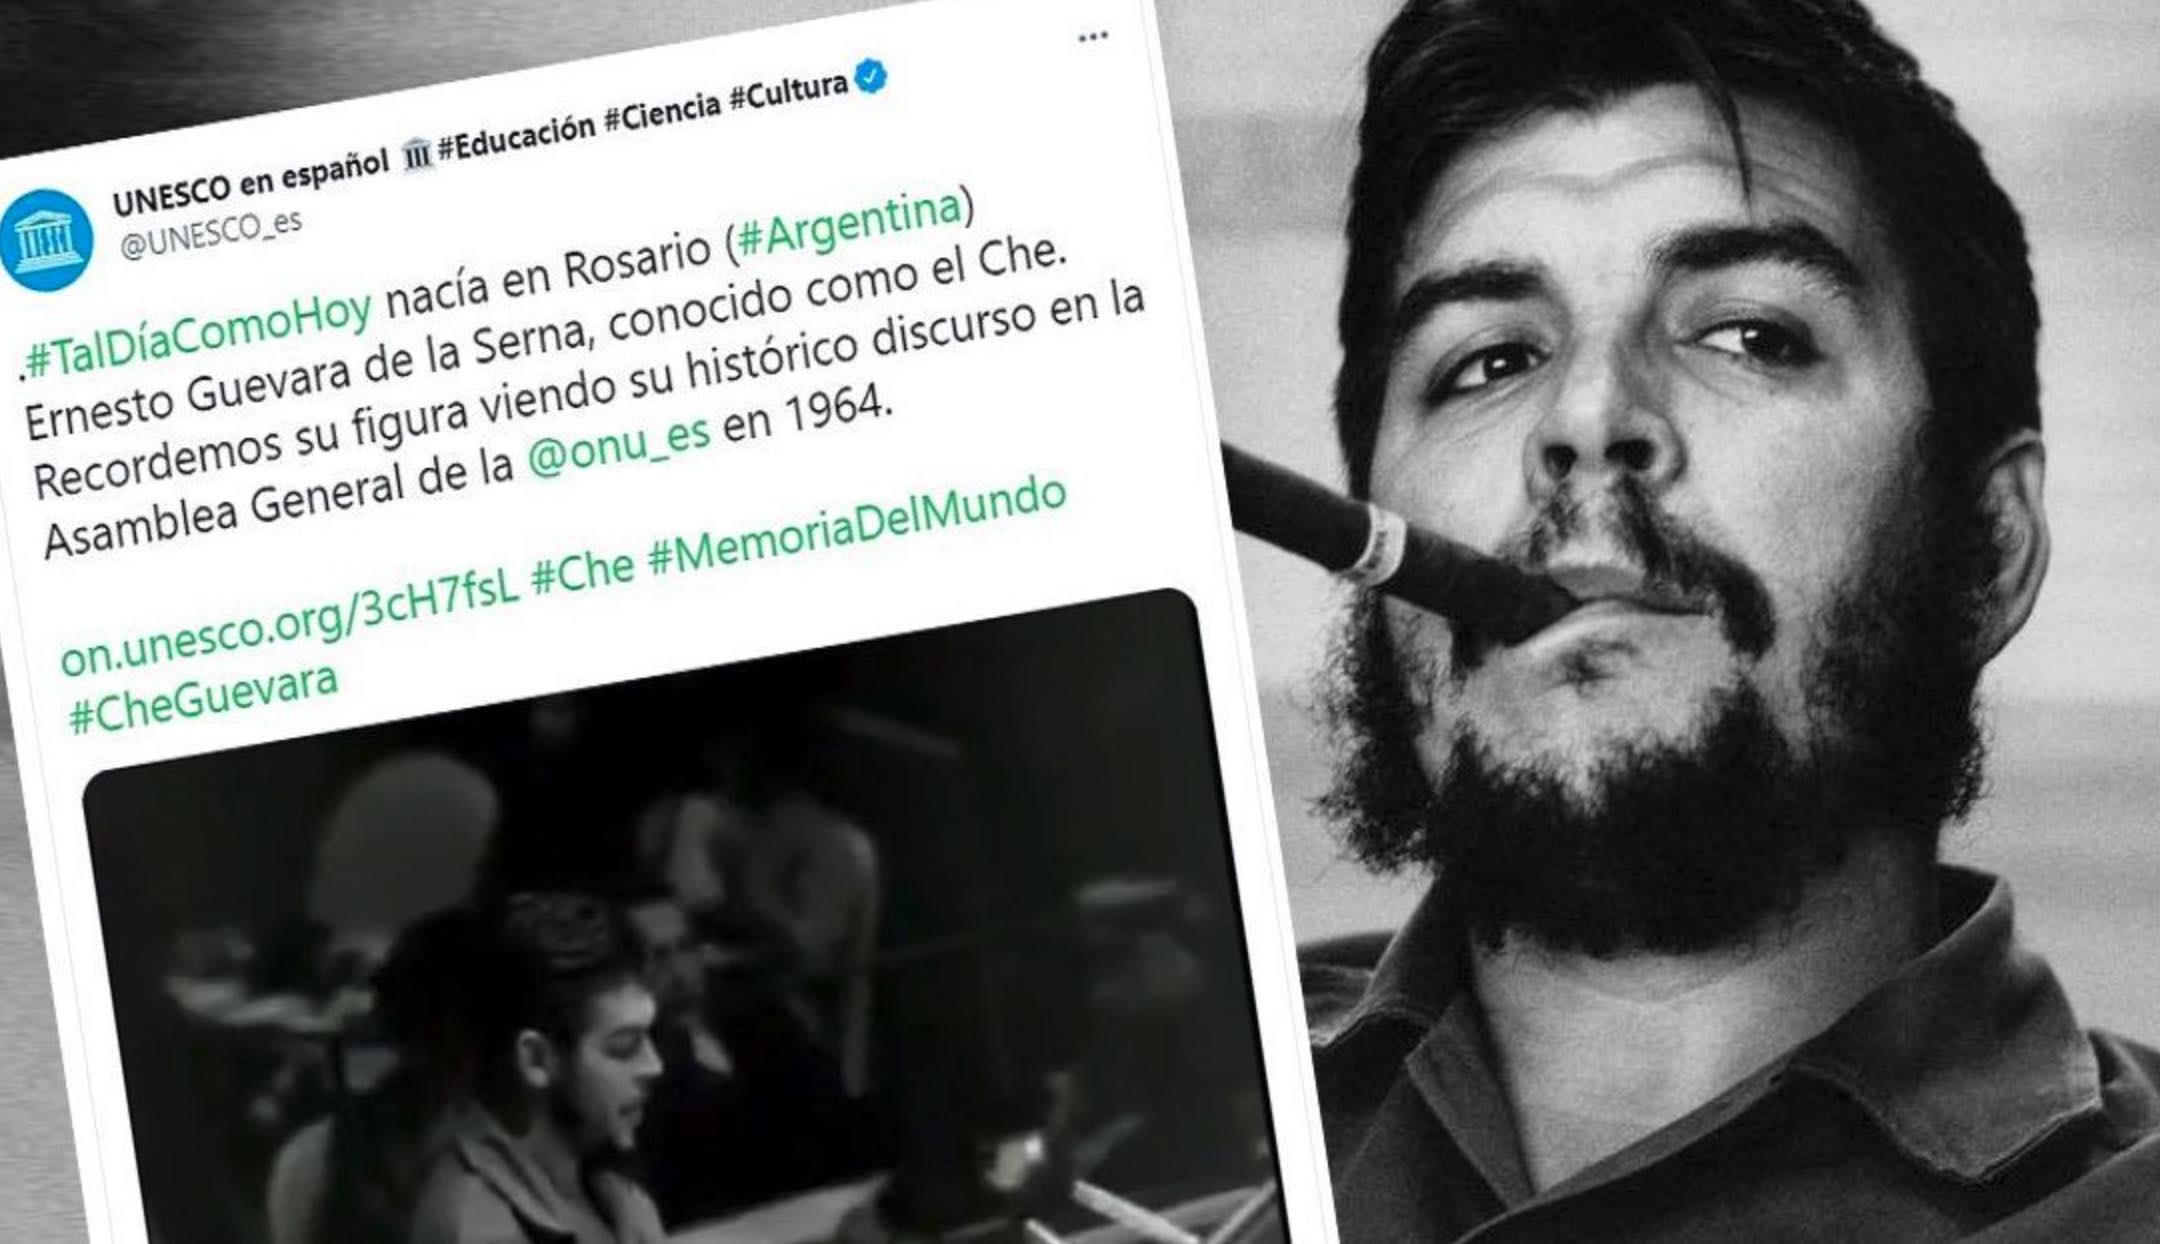 UNESCO, Che Guevara, Genocidio